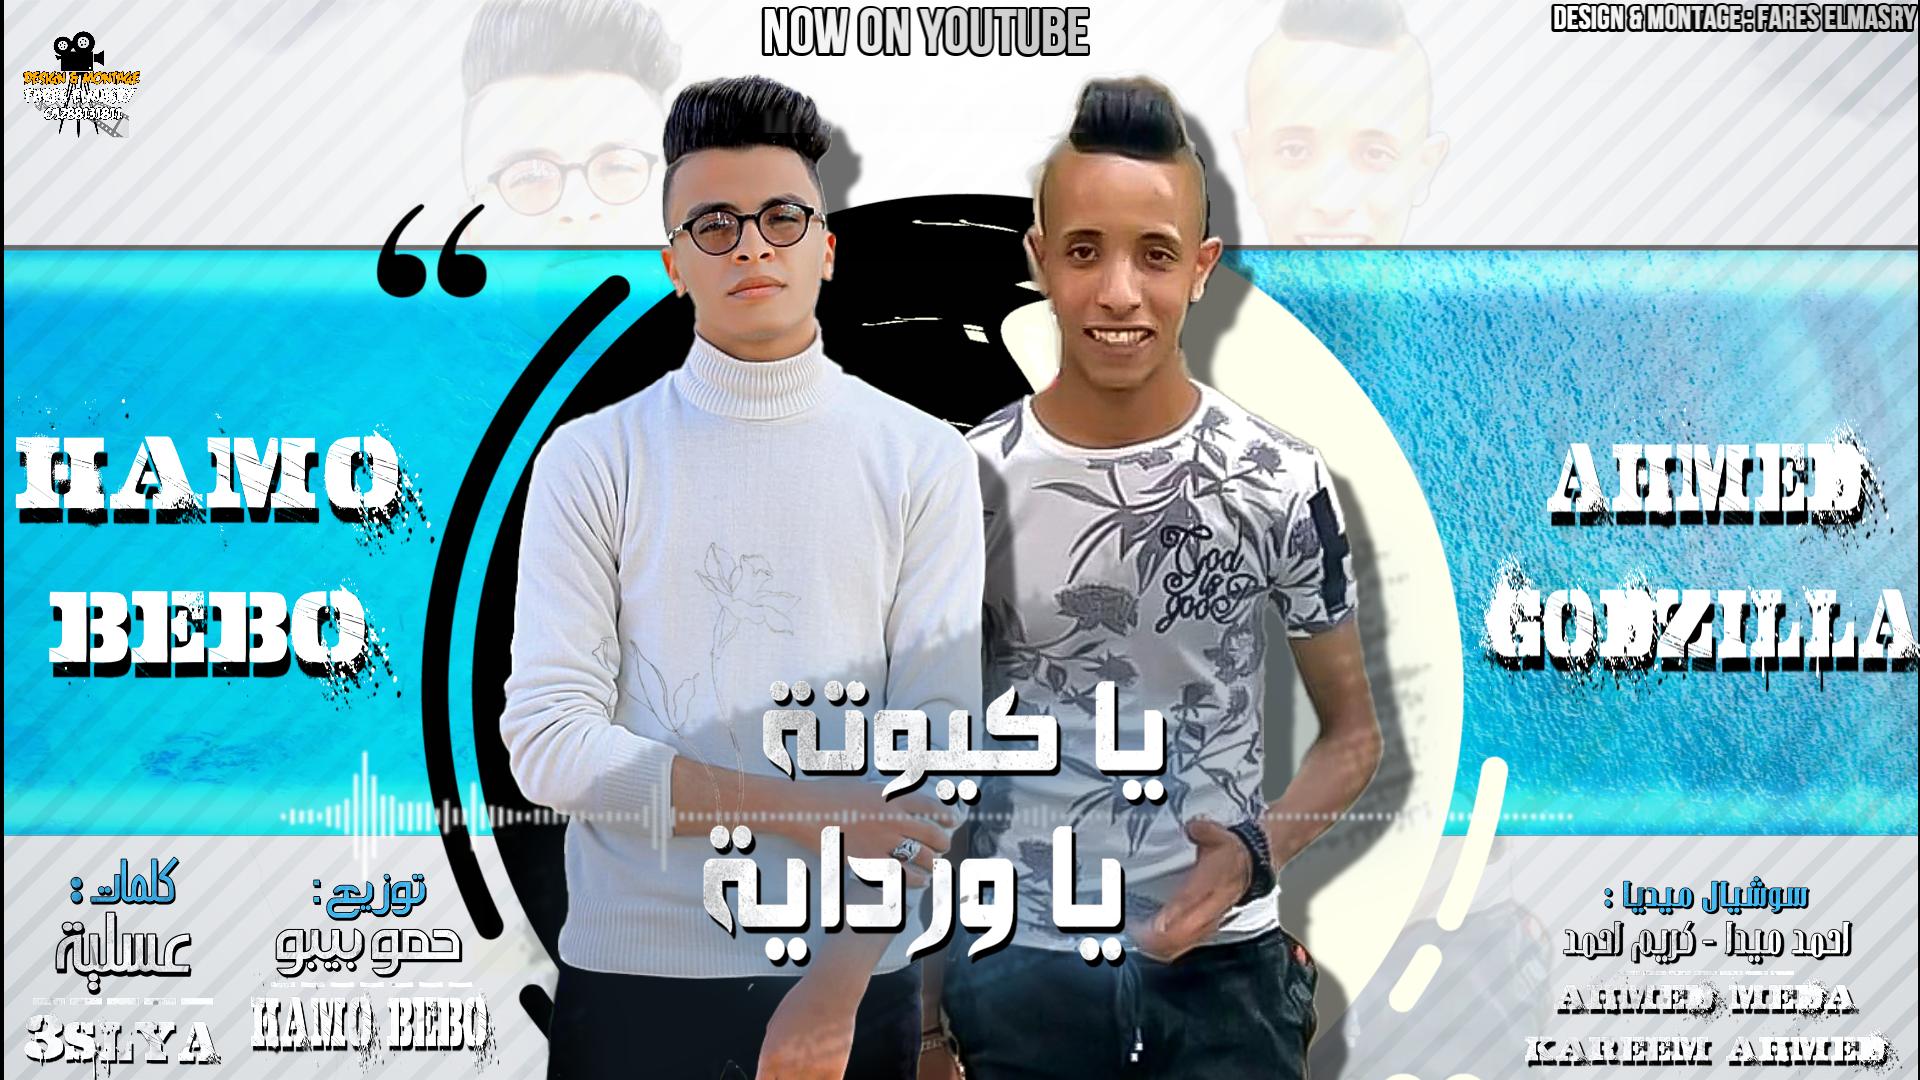 مهرجان ياكيوته ياوردايه - مهرجانات 2021 - حمو بيبو - احمد جودزلا - اجدد المهرجانات 2021